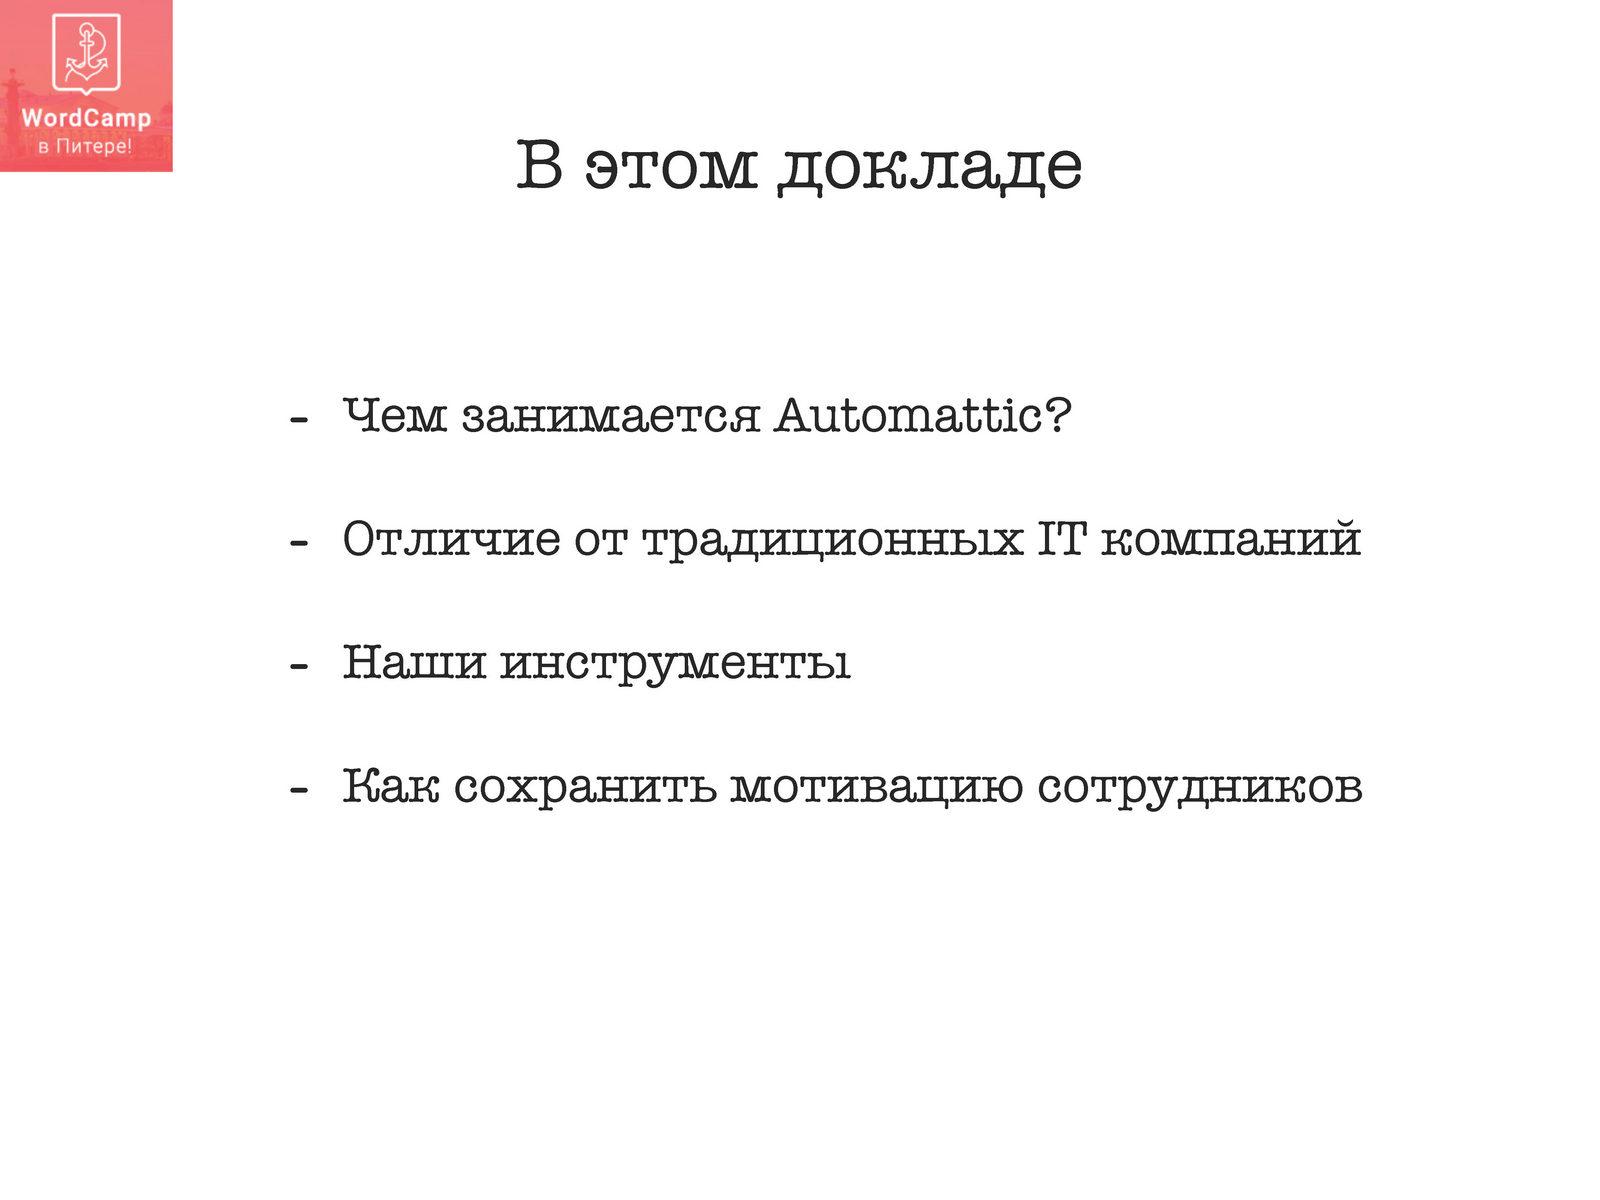 Тимур Гоголев - 100% распределенная компания мифы или реальность_Page_02